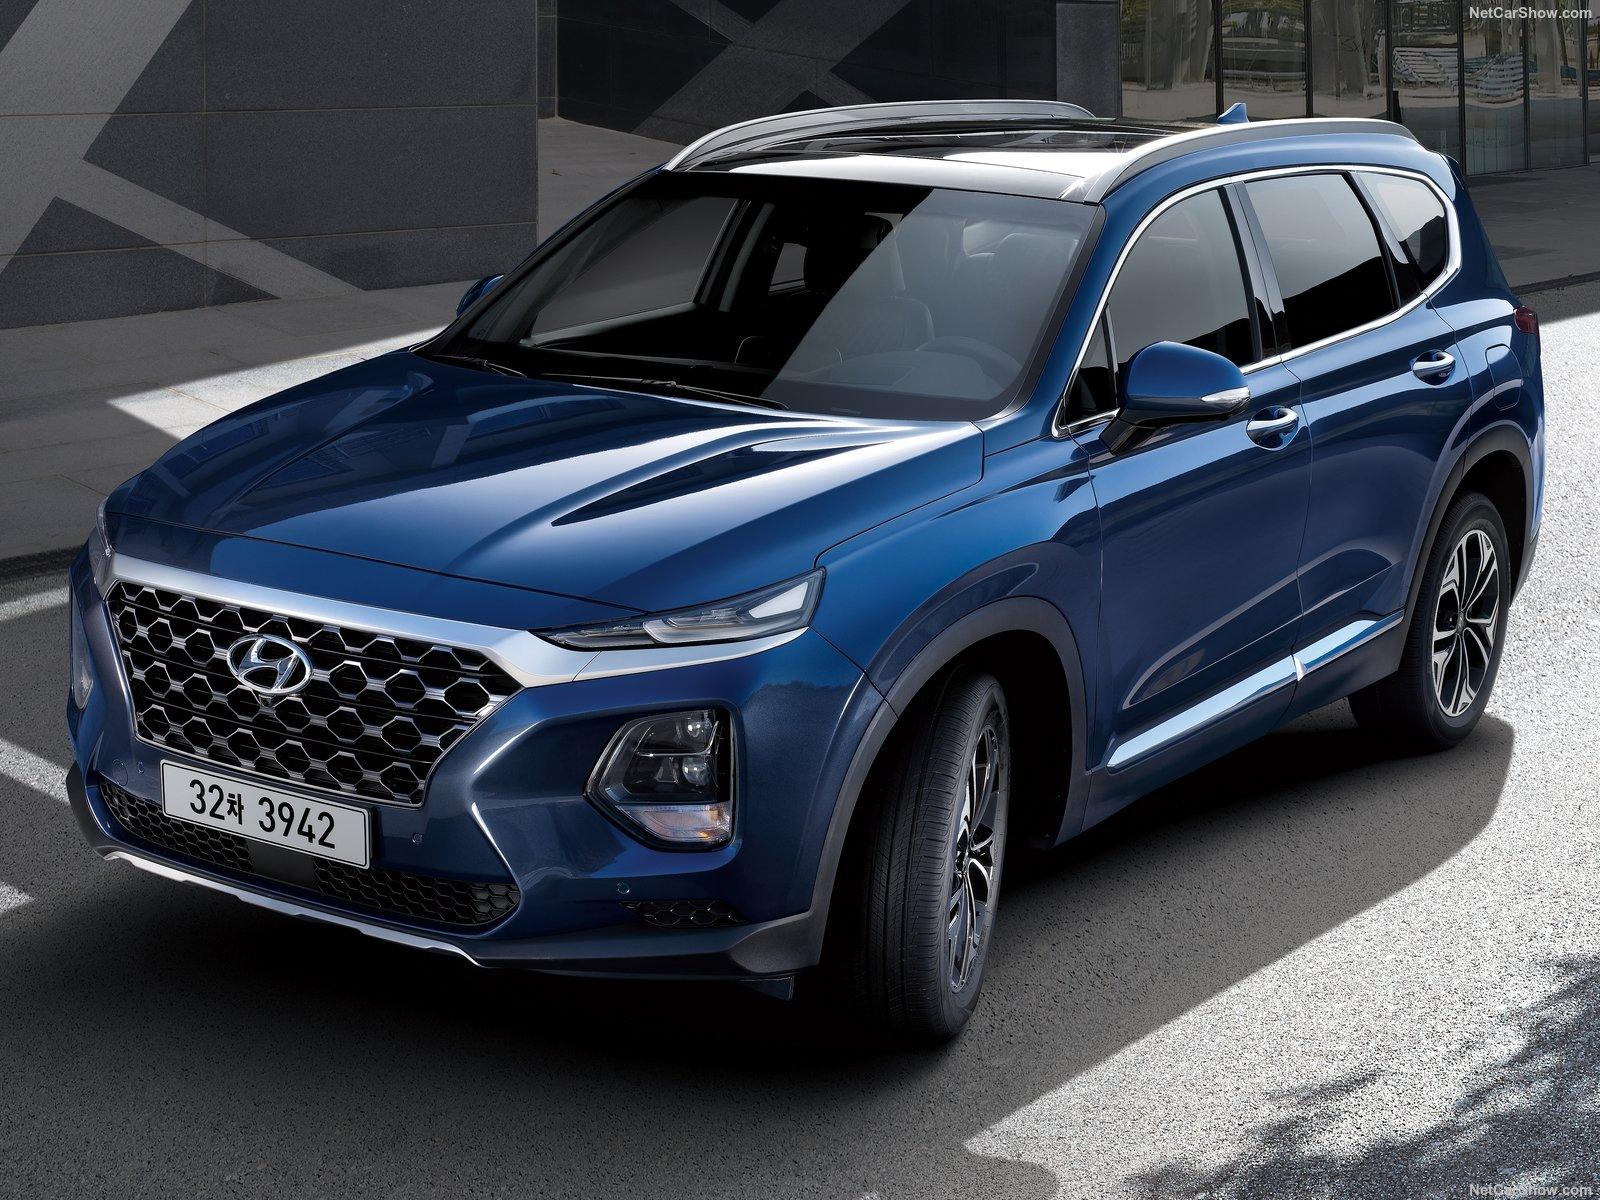 Hyundai Santa Fe 2020 года - 7-местный семейный кроссовер с полным приводом, дизельным турбомотором и комфортными опциями